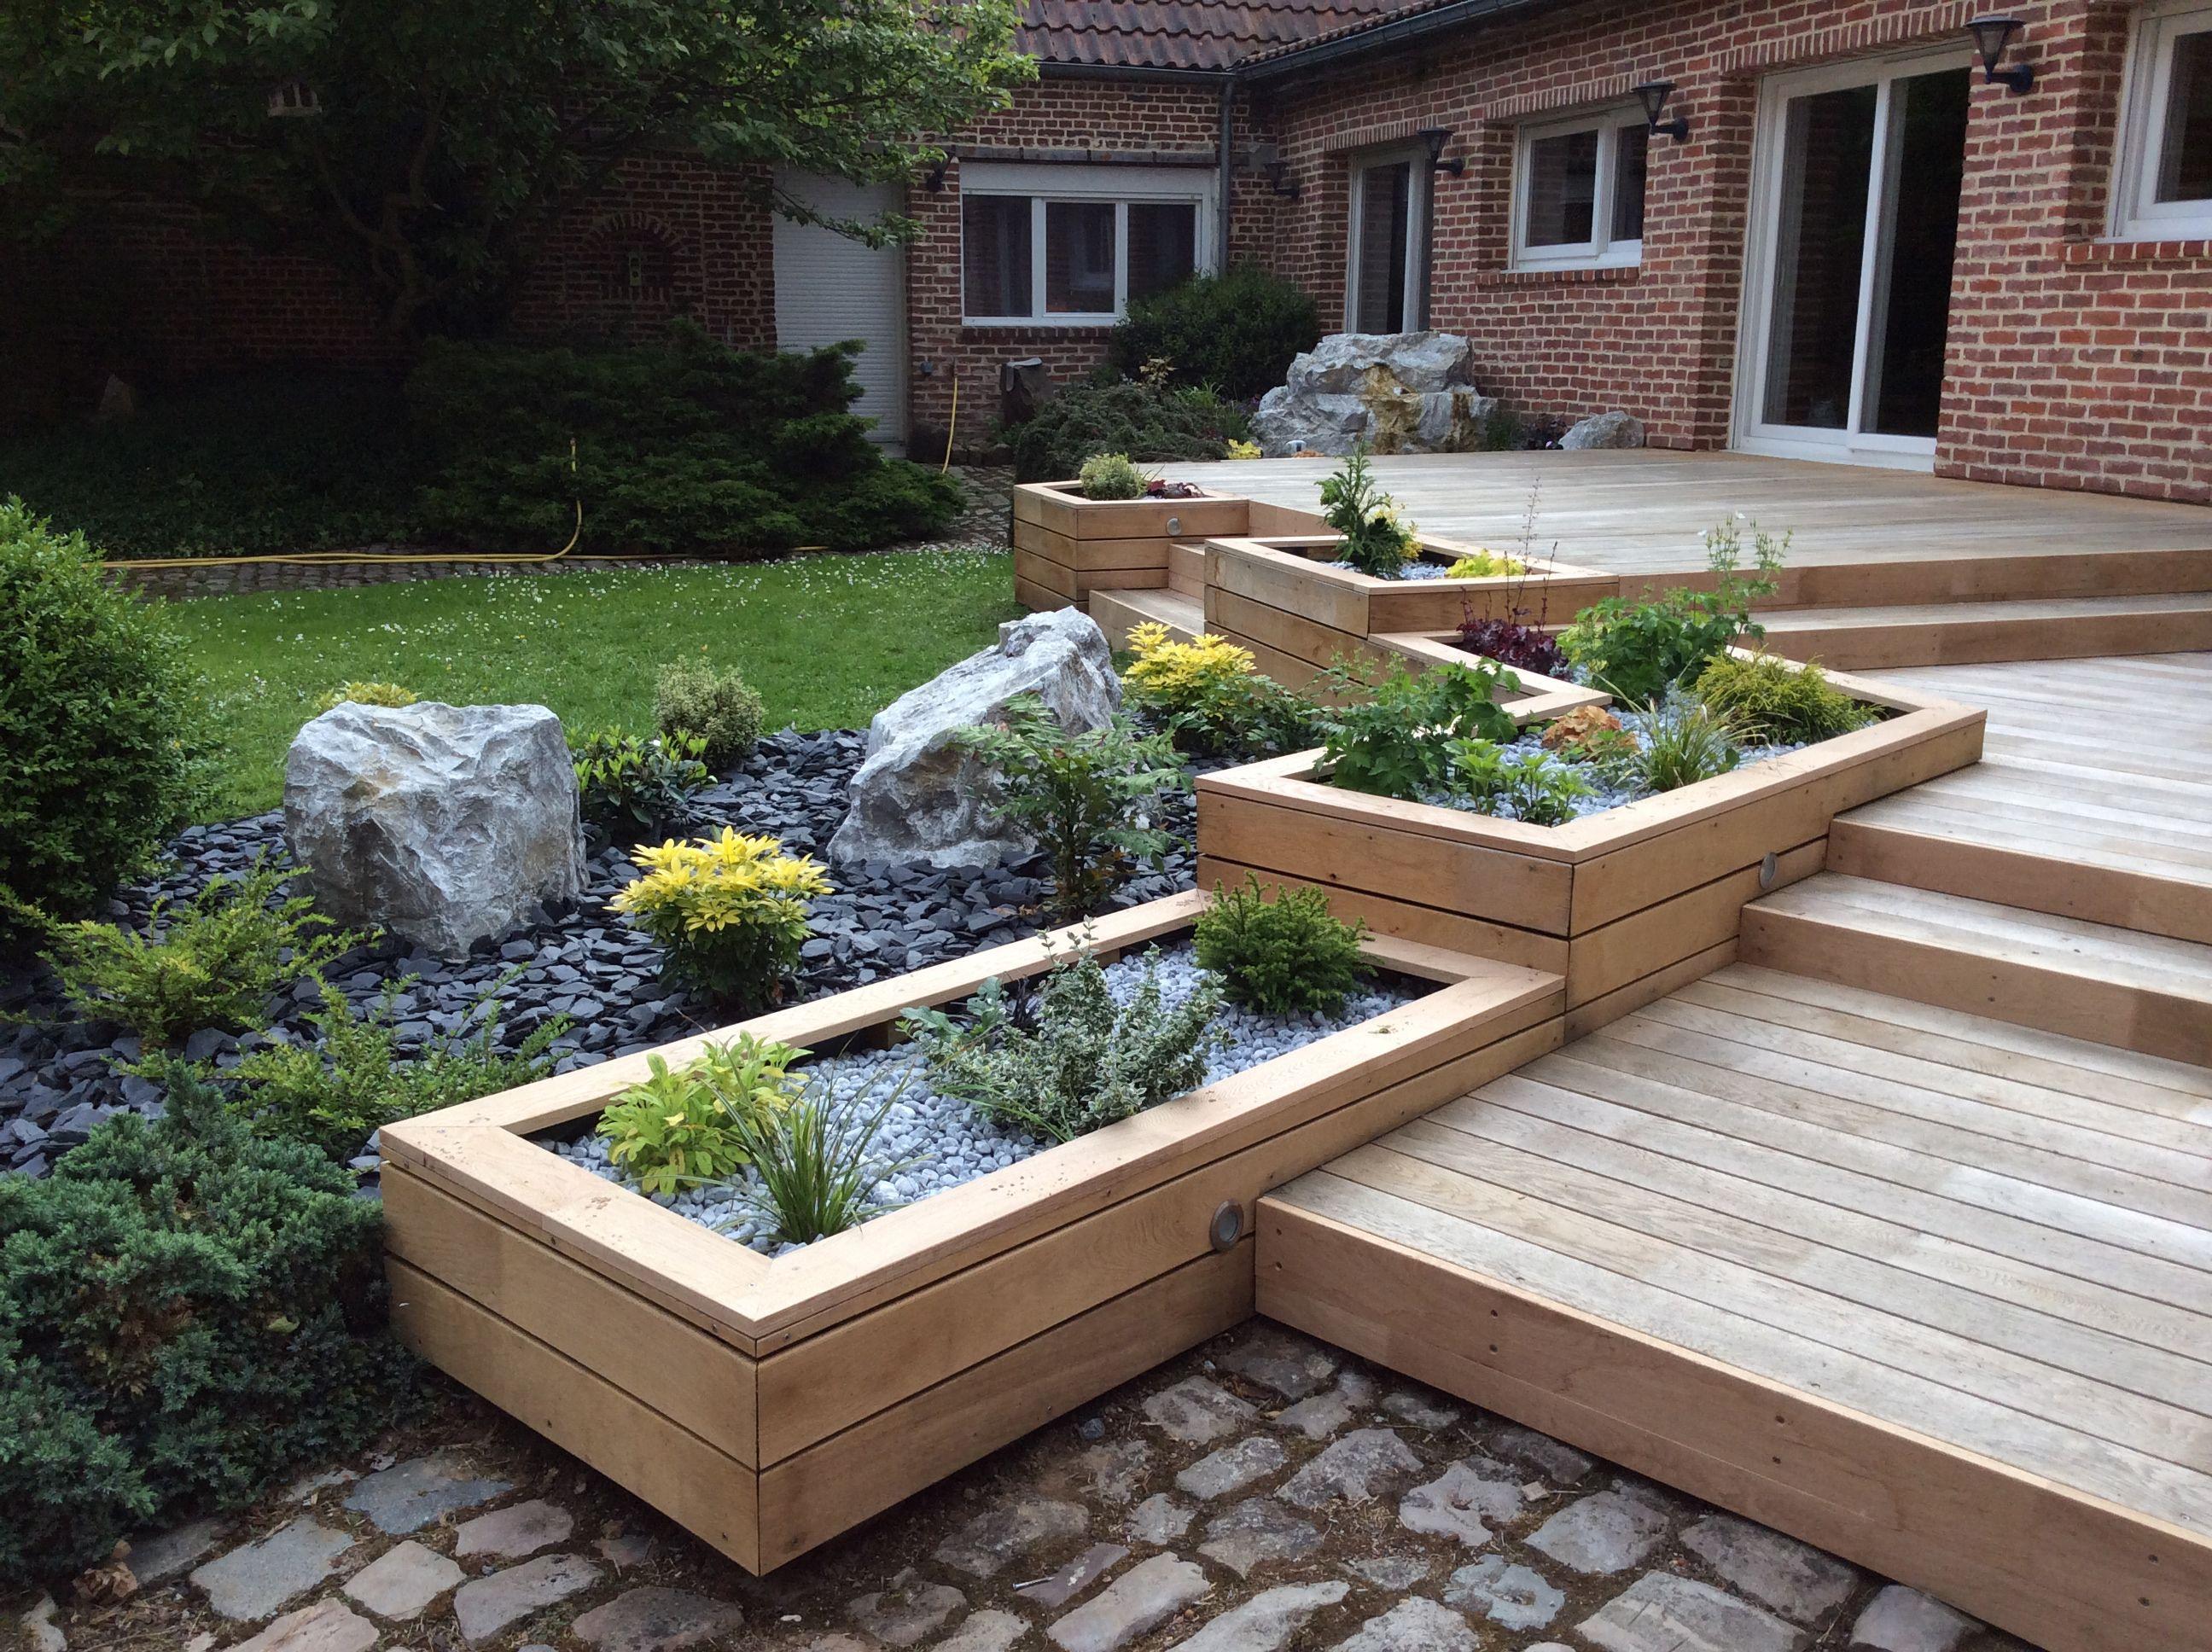 Am nagement paysager autour d 39 une terrasse en ch ne et d - Amenagement bassin de jardin ...